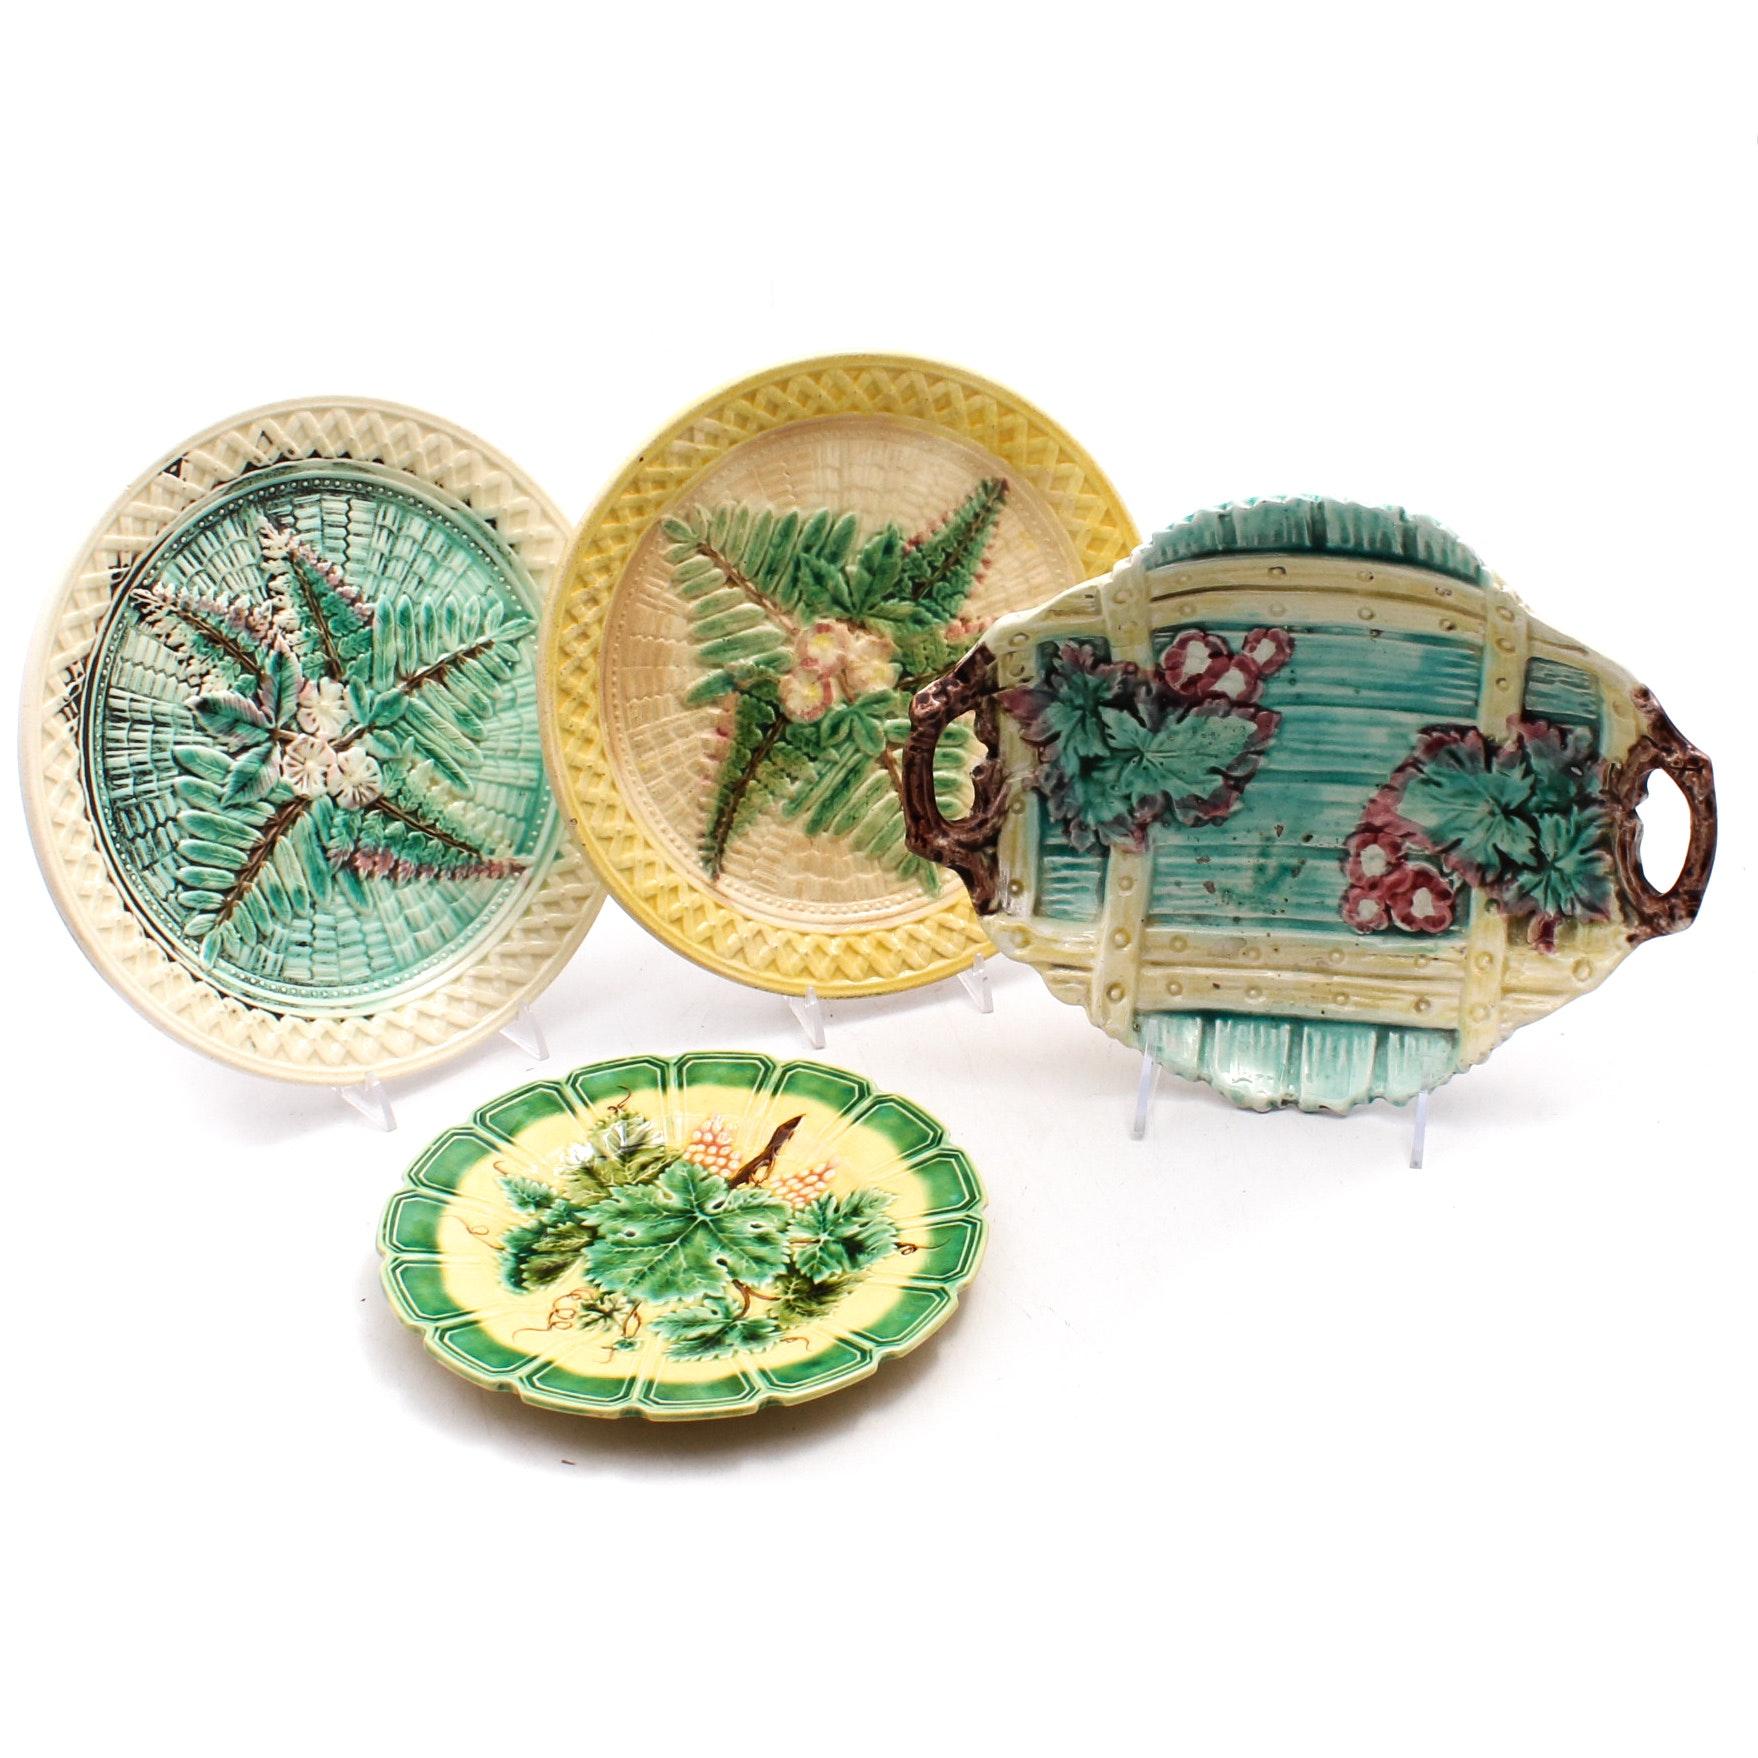 Majolica Glazed Ceramic Plates